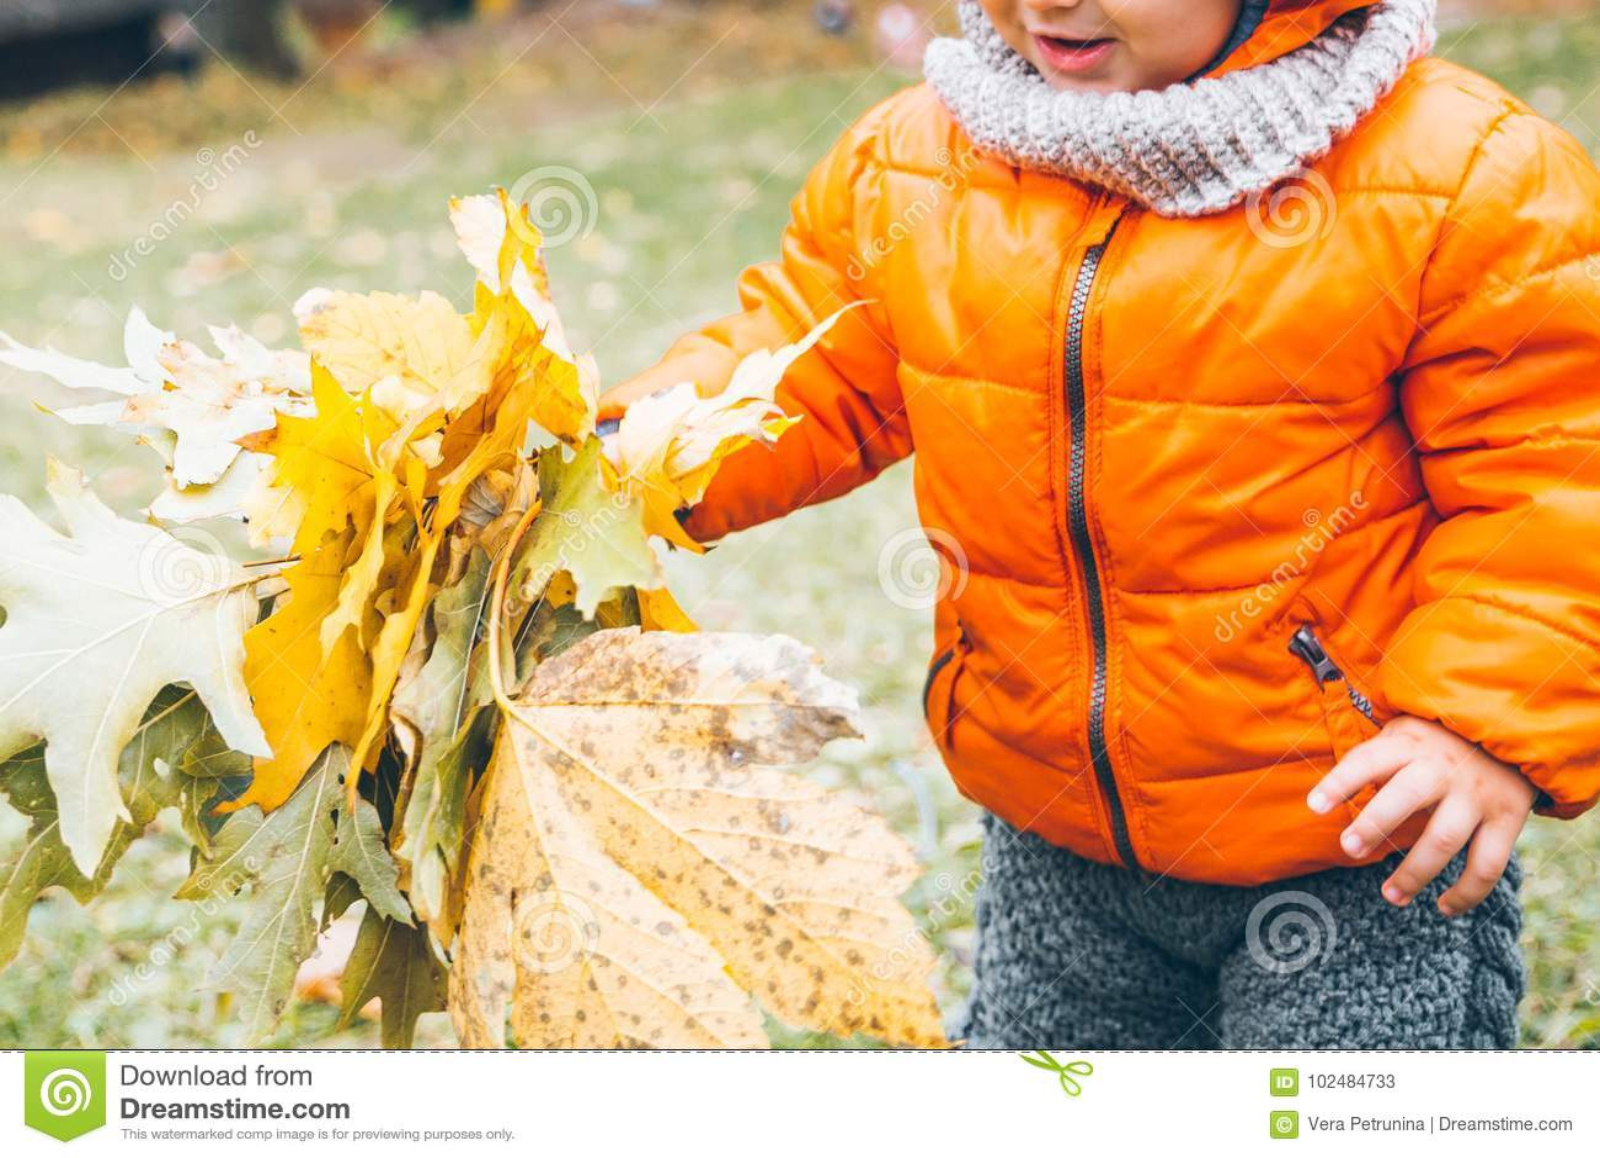 Оягнитесь в листьях желтого цвета владением в его руках